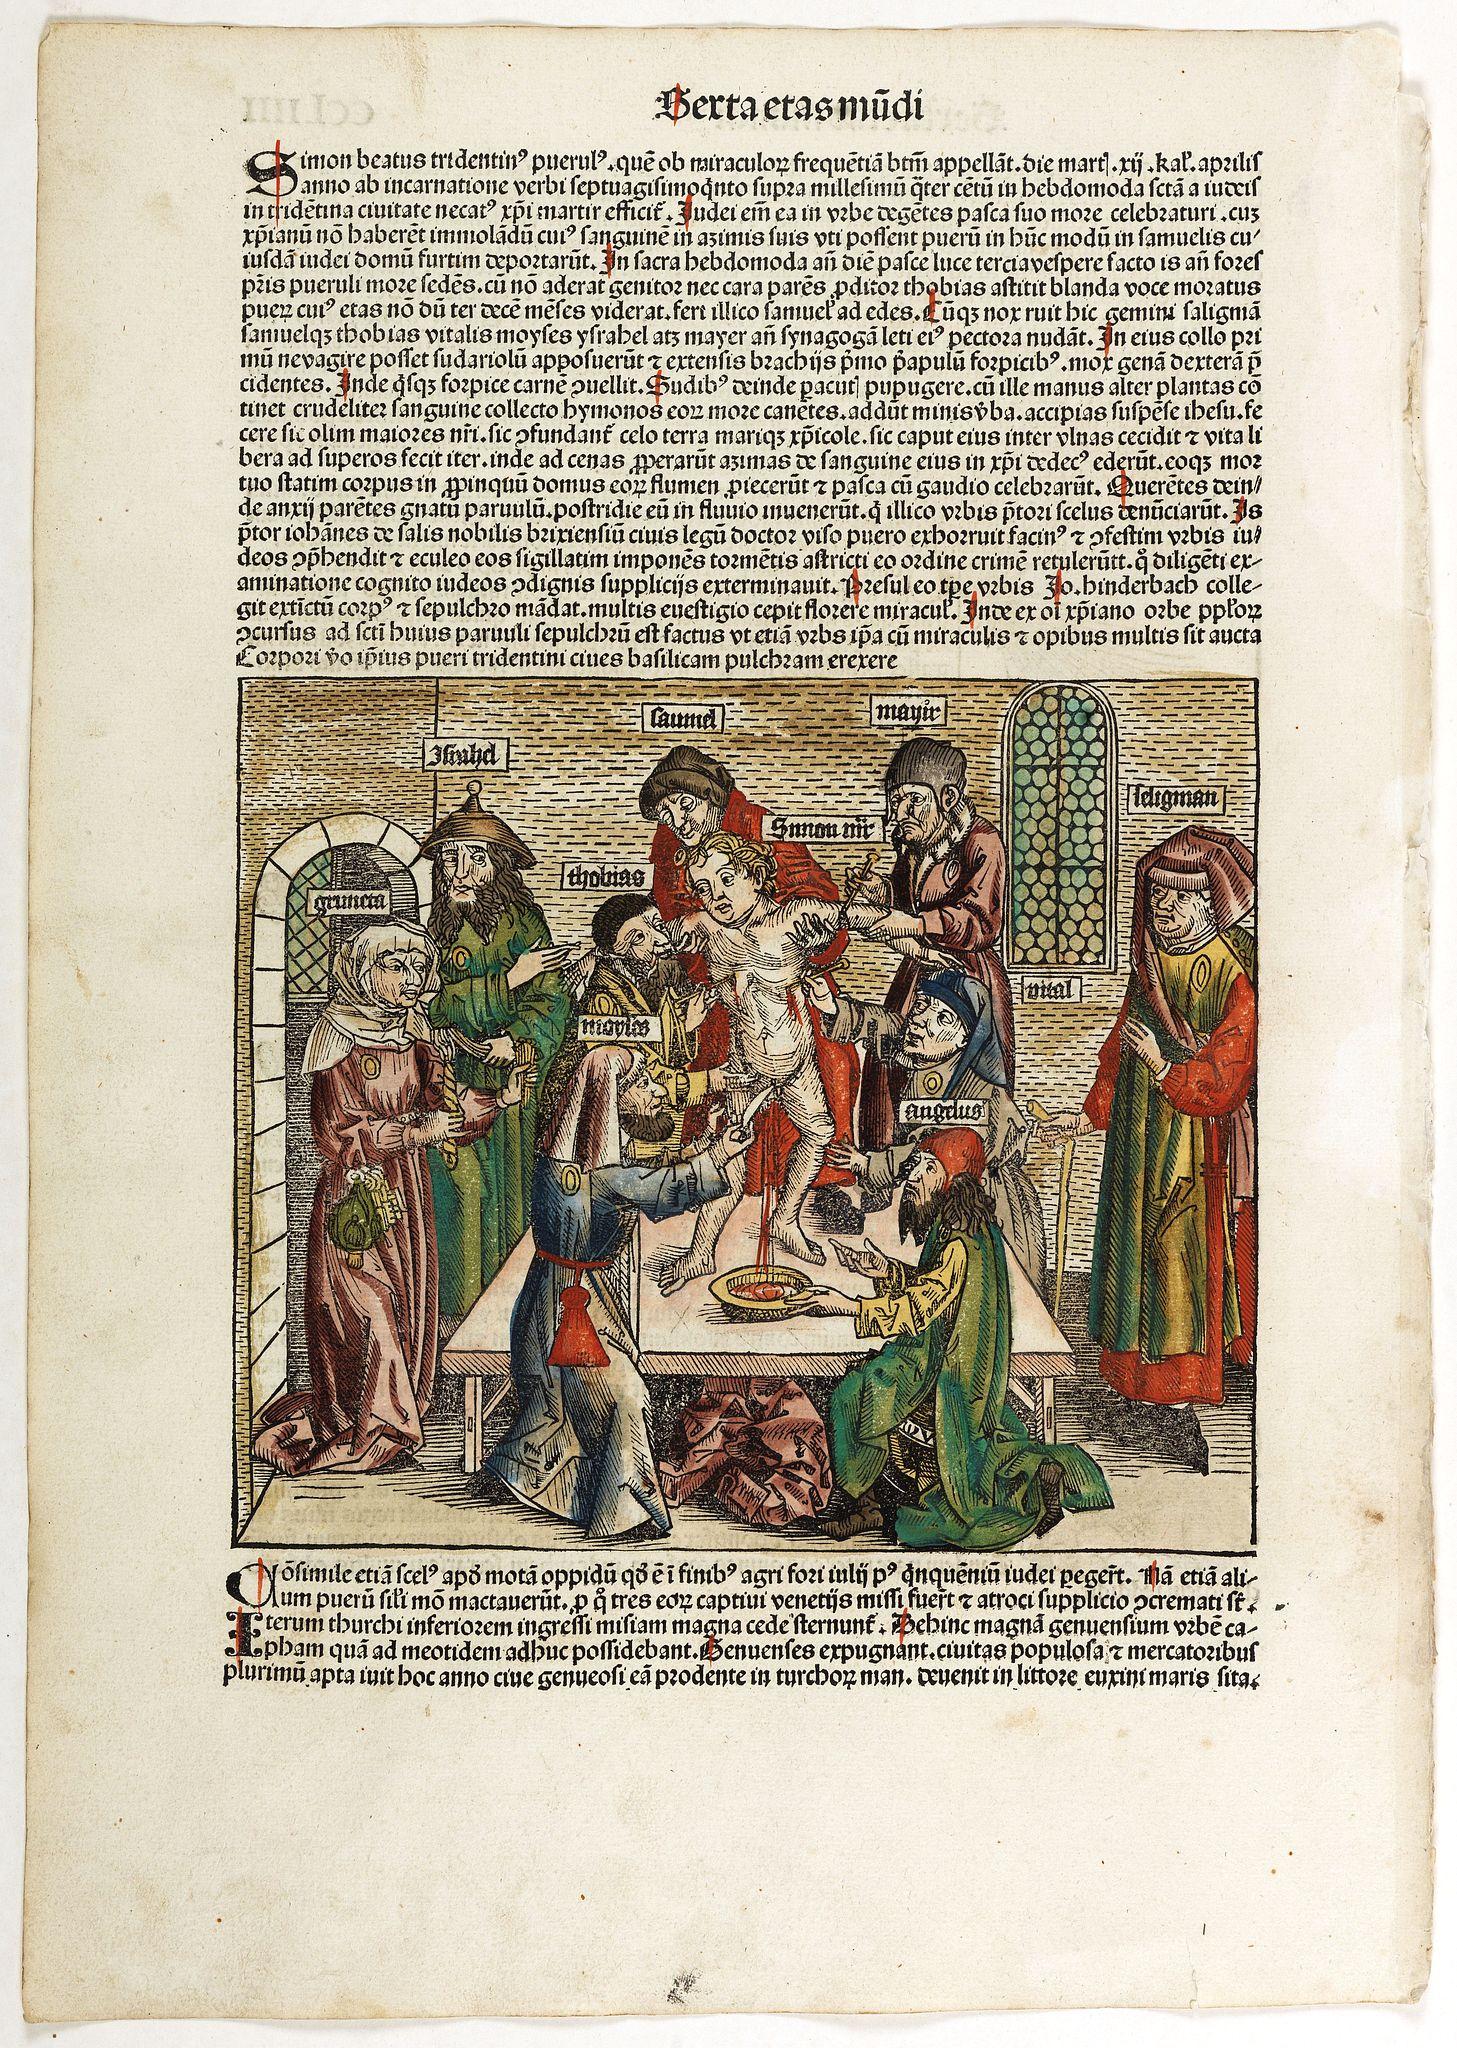 SCHEDEL, H. -  Sexta Etas Mudi. CCLIIII Simon Beatus ..